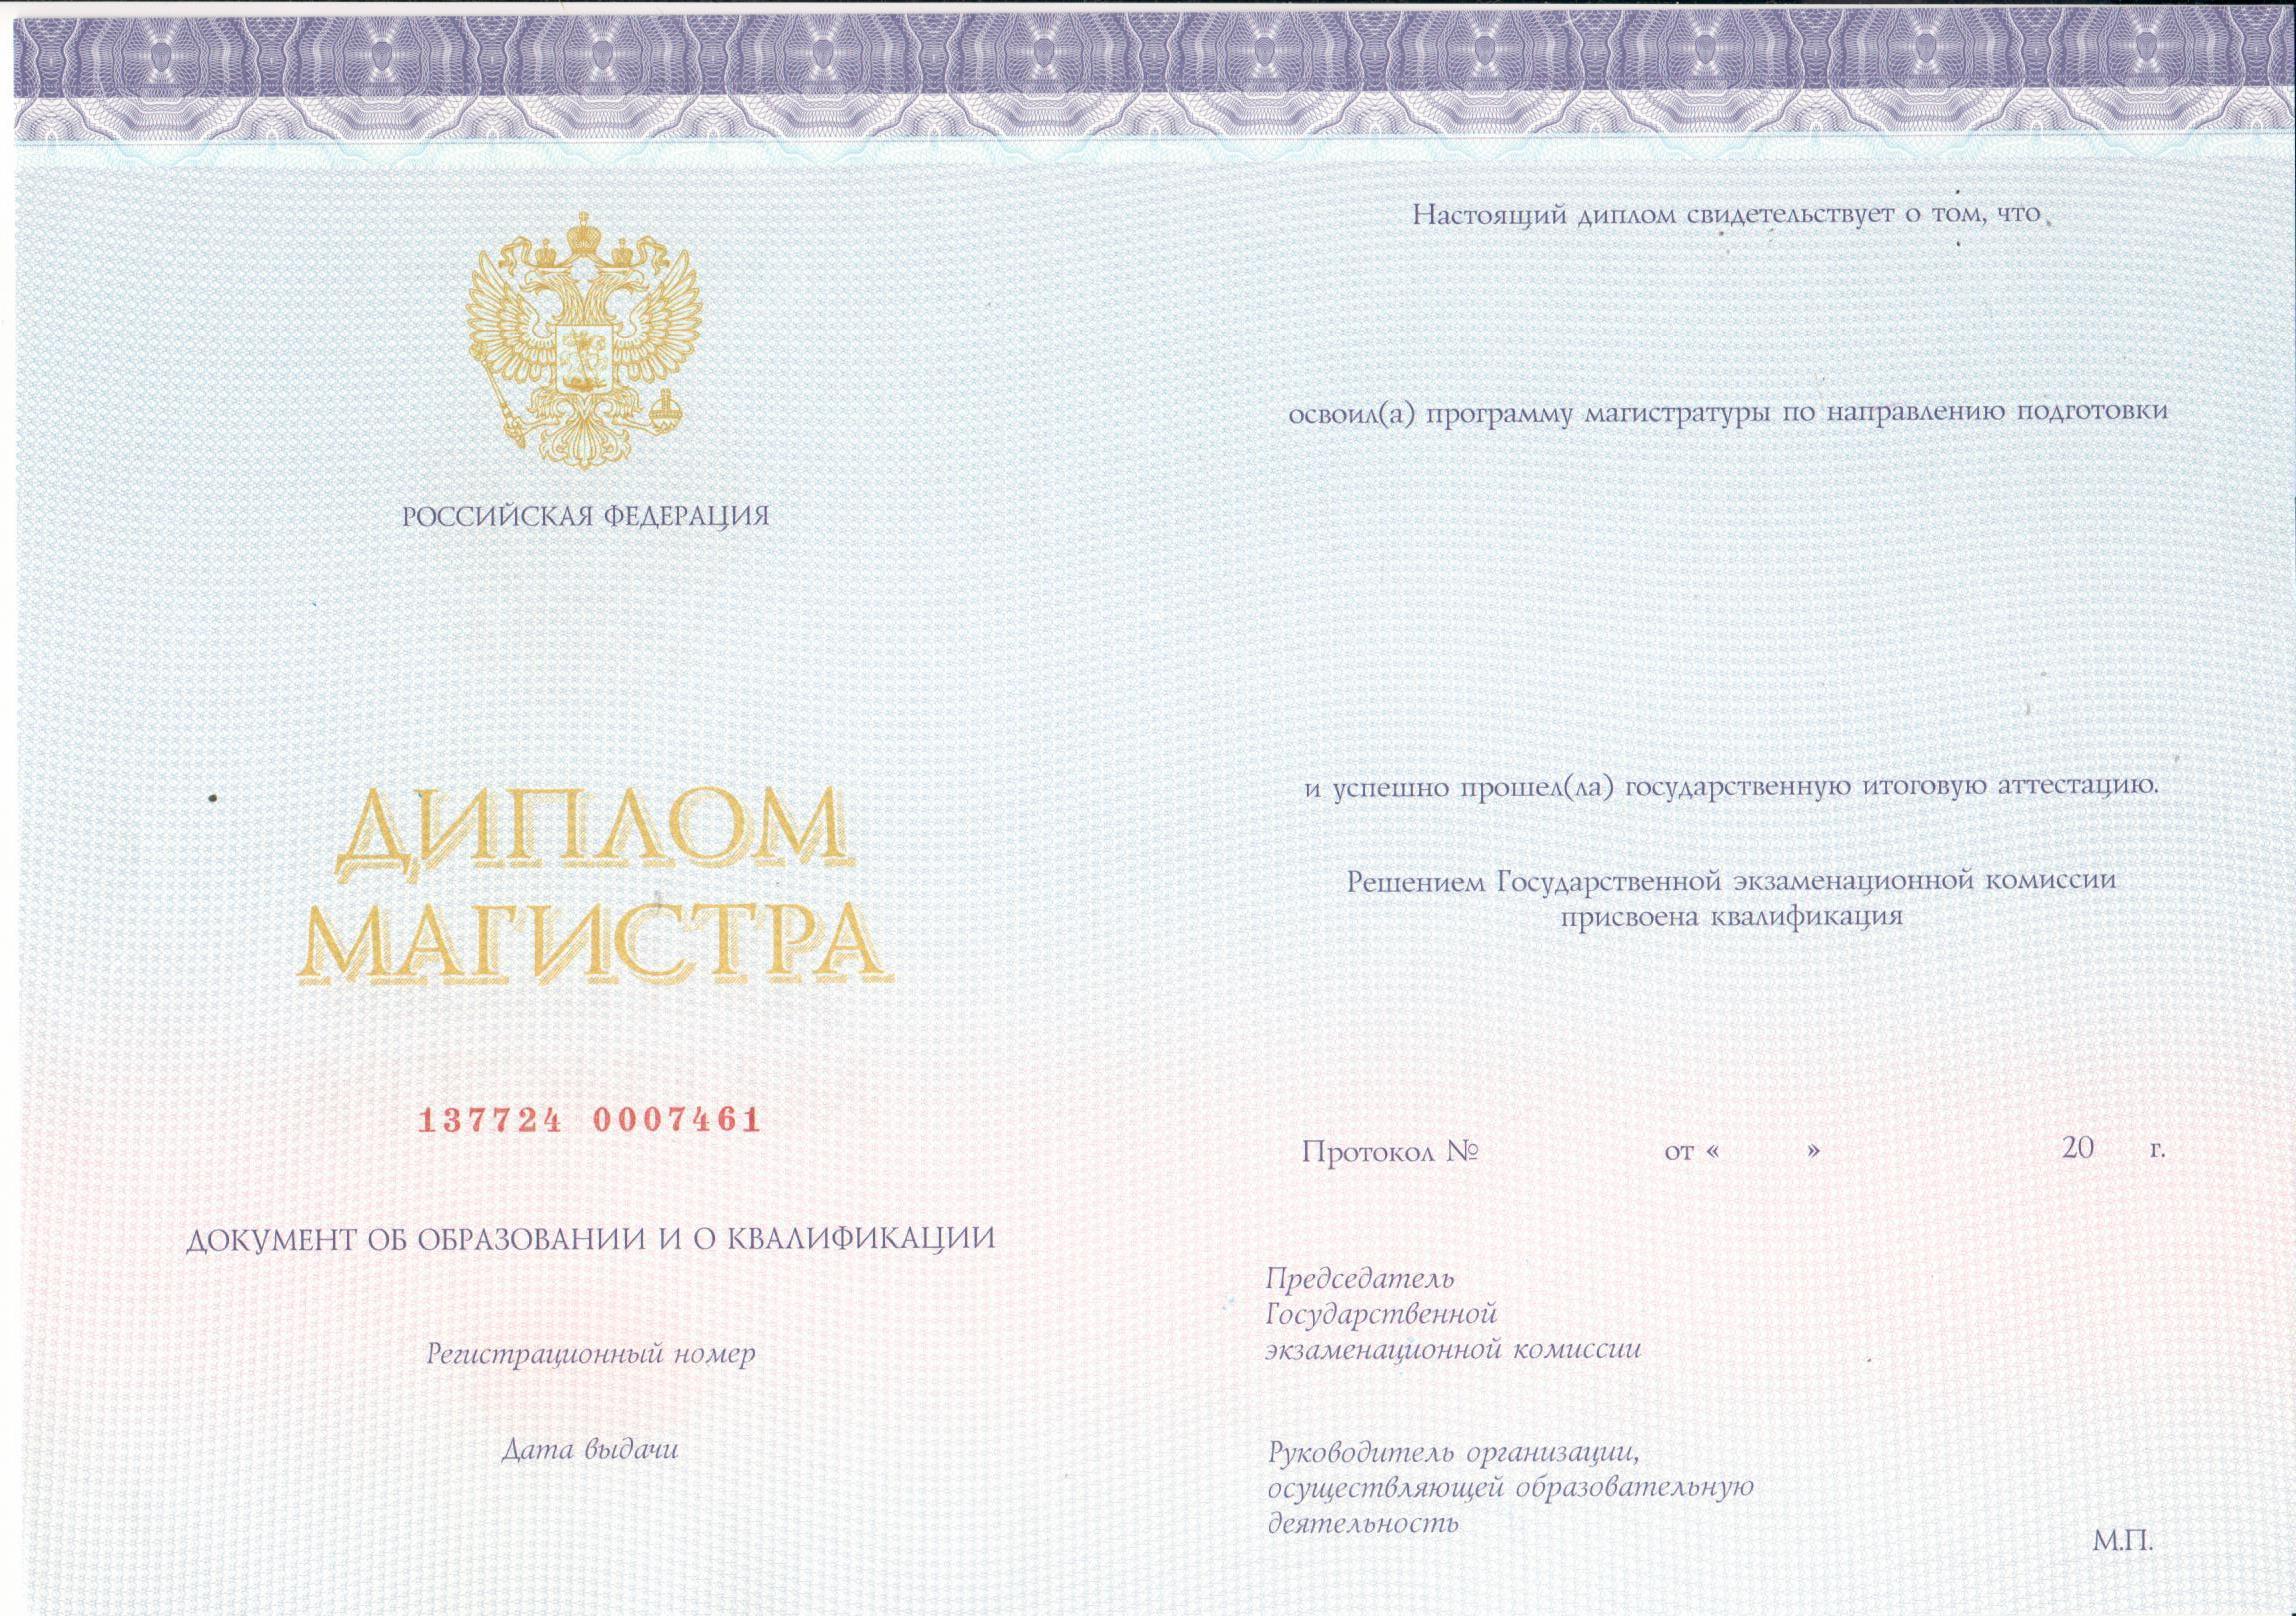 Документы Университет СИНЕРГИЯ Диплом бакалавра · Диплом специалиста · Диплом магистра